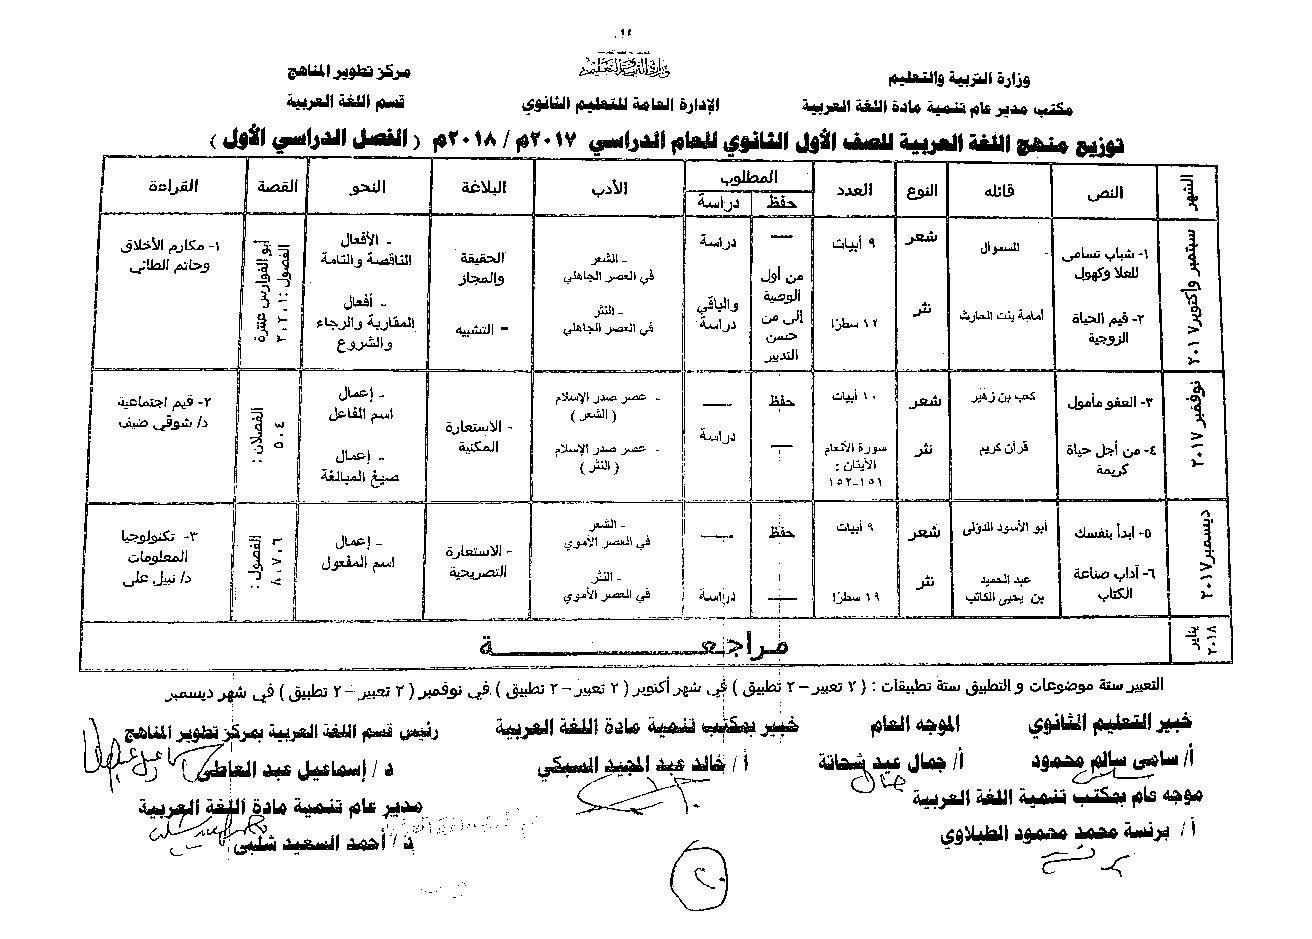 جدول توزيع منهج اللغة العربية الجديد للصف الاول الثانوى الفصل الدراسى الاول و الثانى 2018